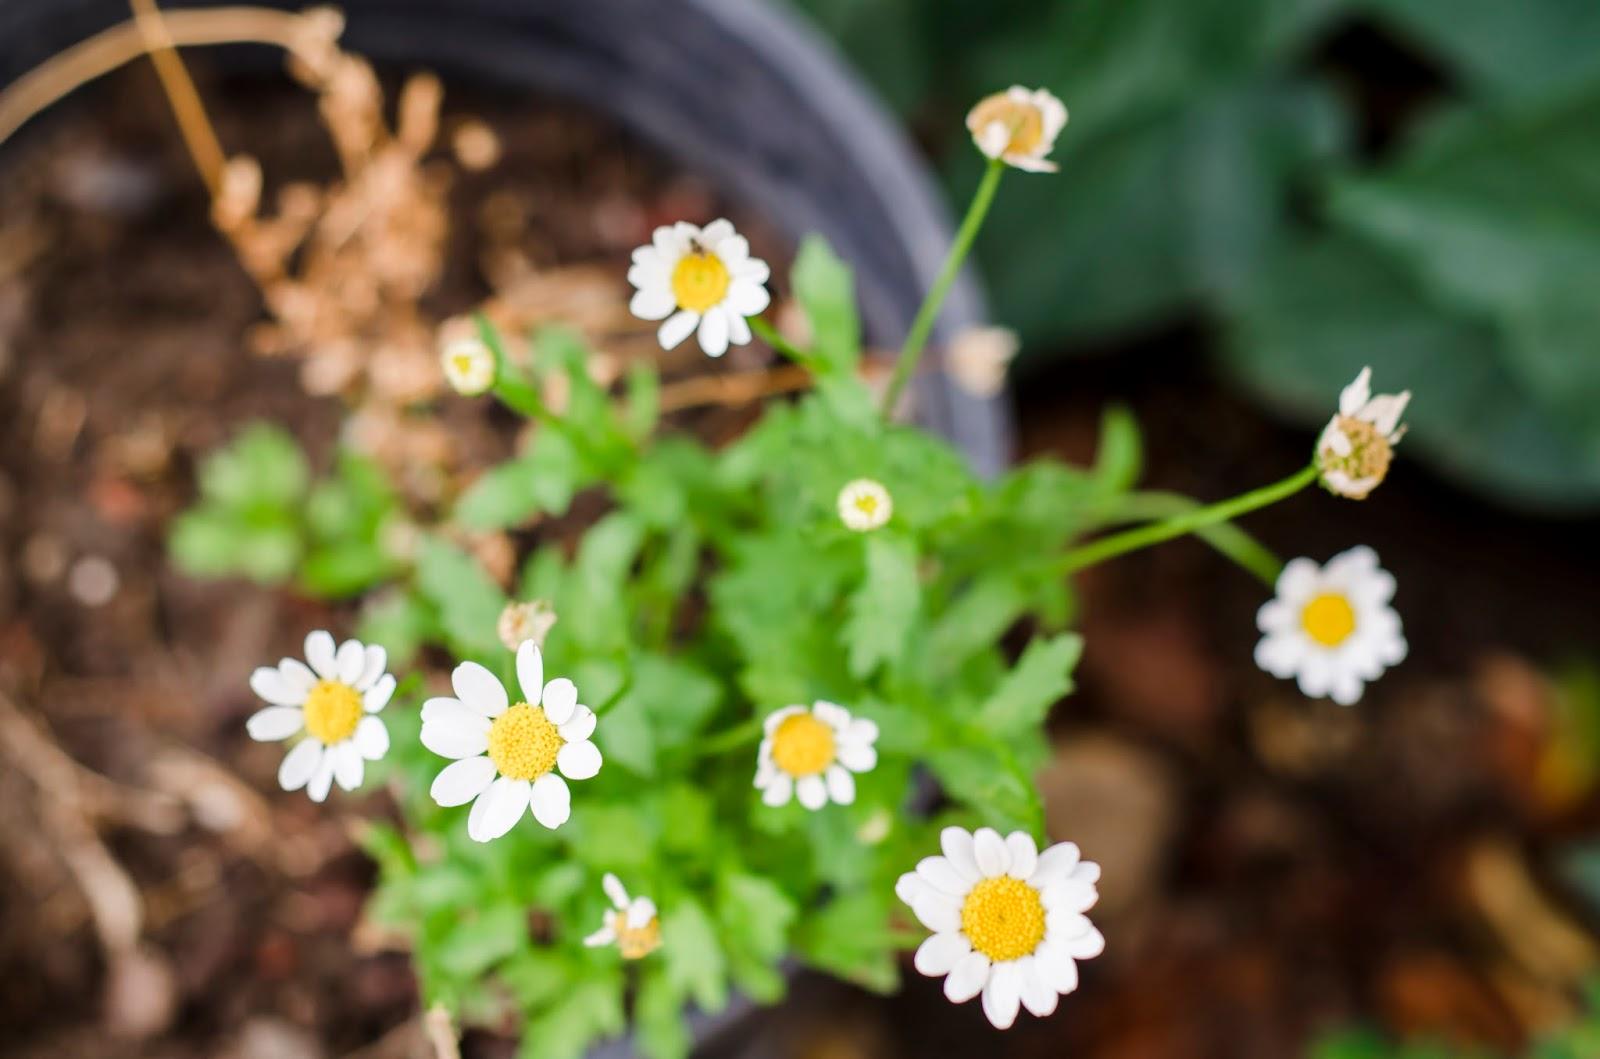 Feng shui fusi n las plantas y flores para cambiar la for Flores para el hogar feng shui